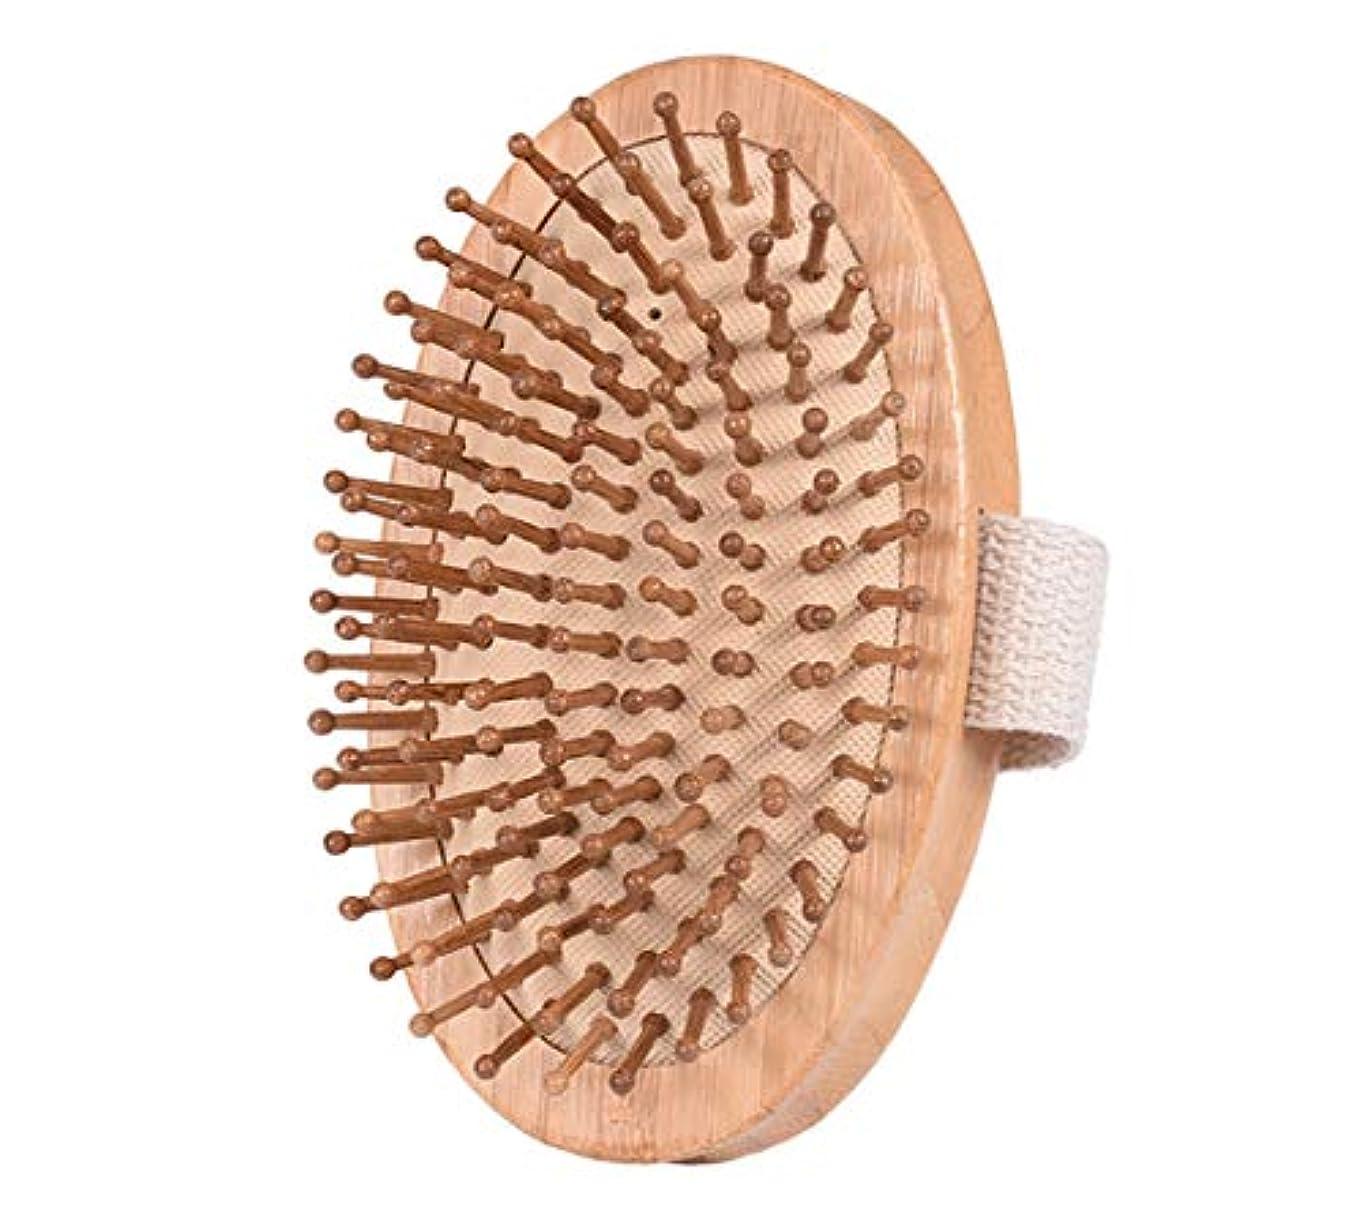 法律によりひいきにするジェムMyths ヘアブラシ クッションブラシ ヘアケア 頭皮マッサージ 美髪ケア 天然素材 竹製 メンズ レディース